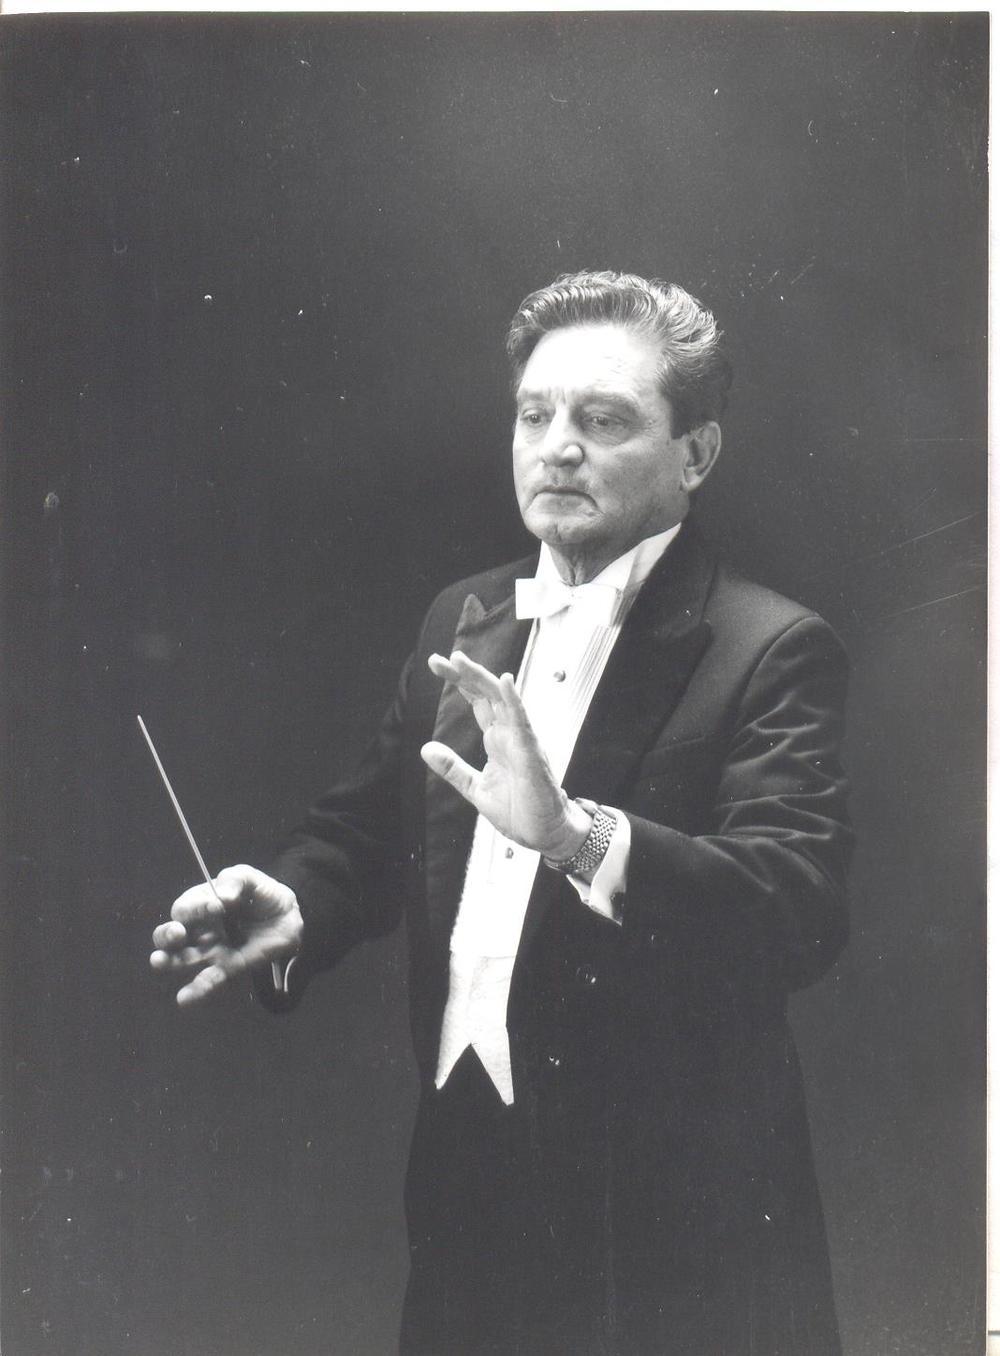 Maestro Miguel Bernal Matus, fundador y Director de la Orquesta de Cámara de la Ciudad de México, A.C.